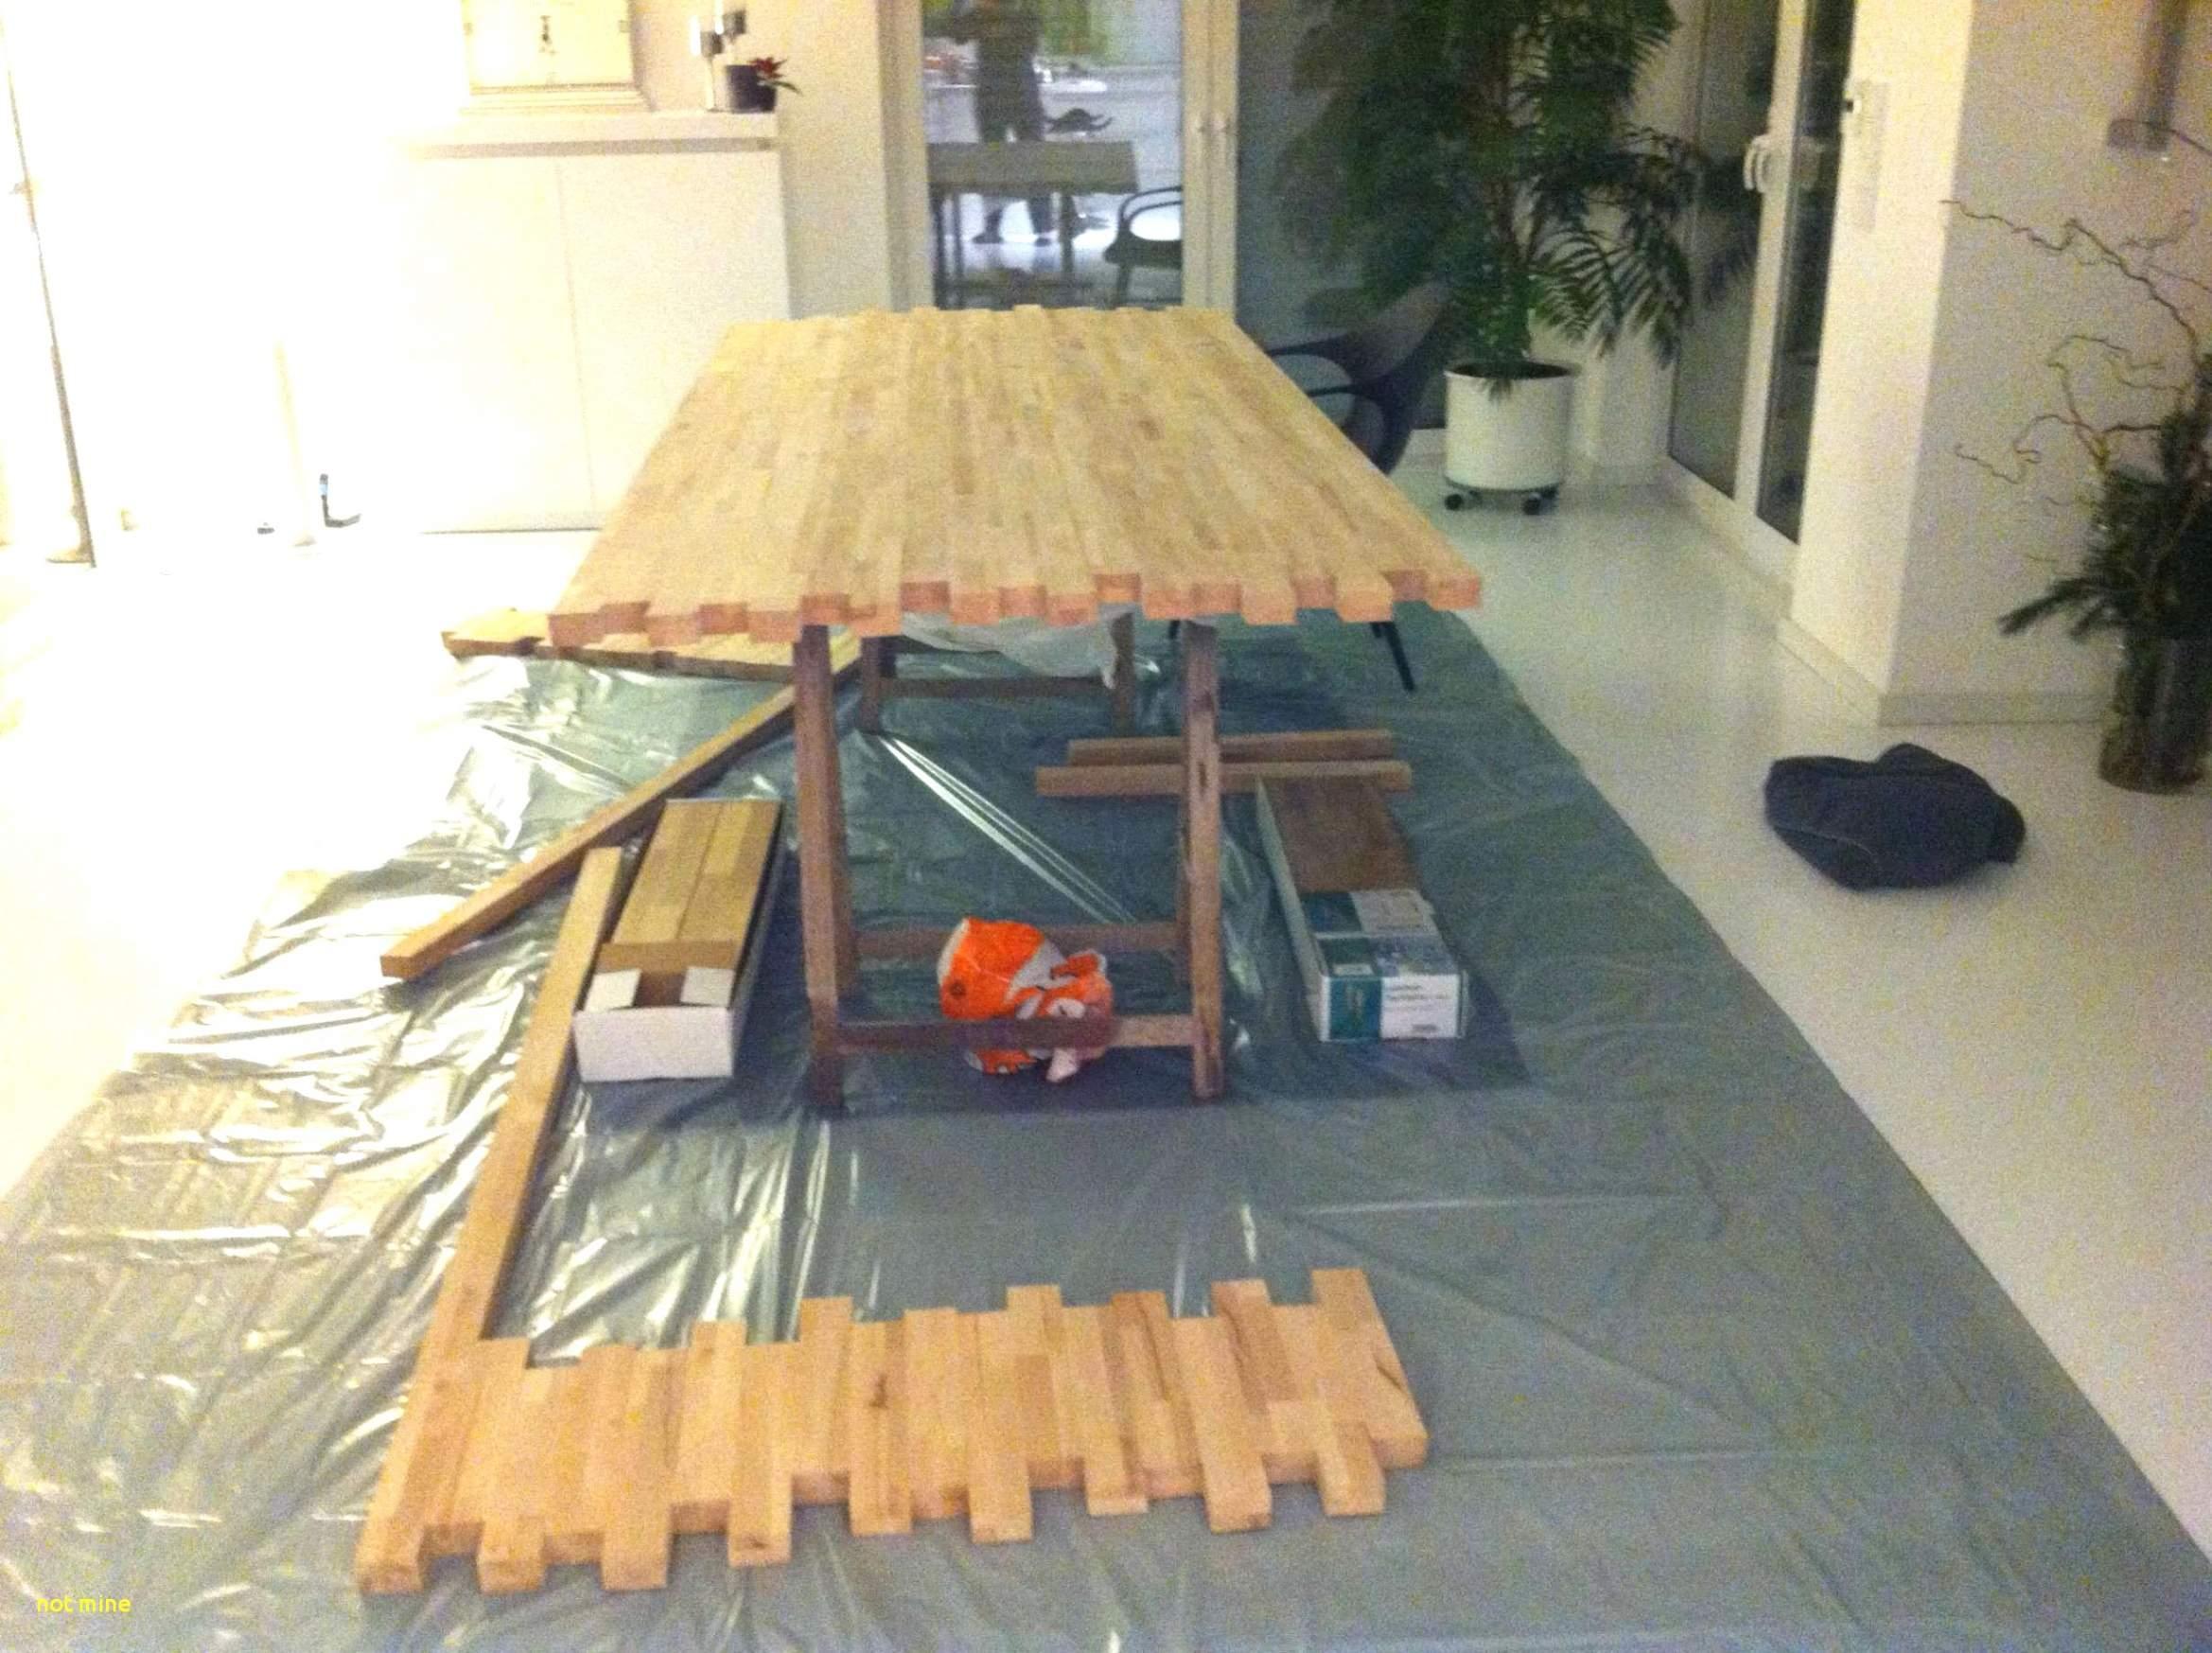 wohnzimmer tische selber bauen niedlich tisch bauen 0d archives lounge selber bauen lounge selber bauen